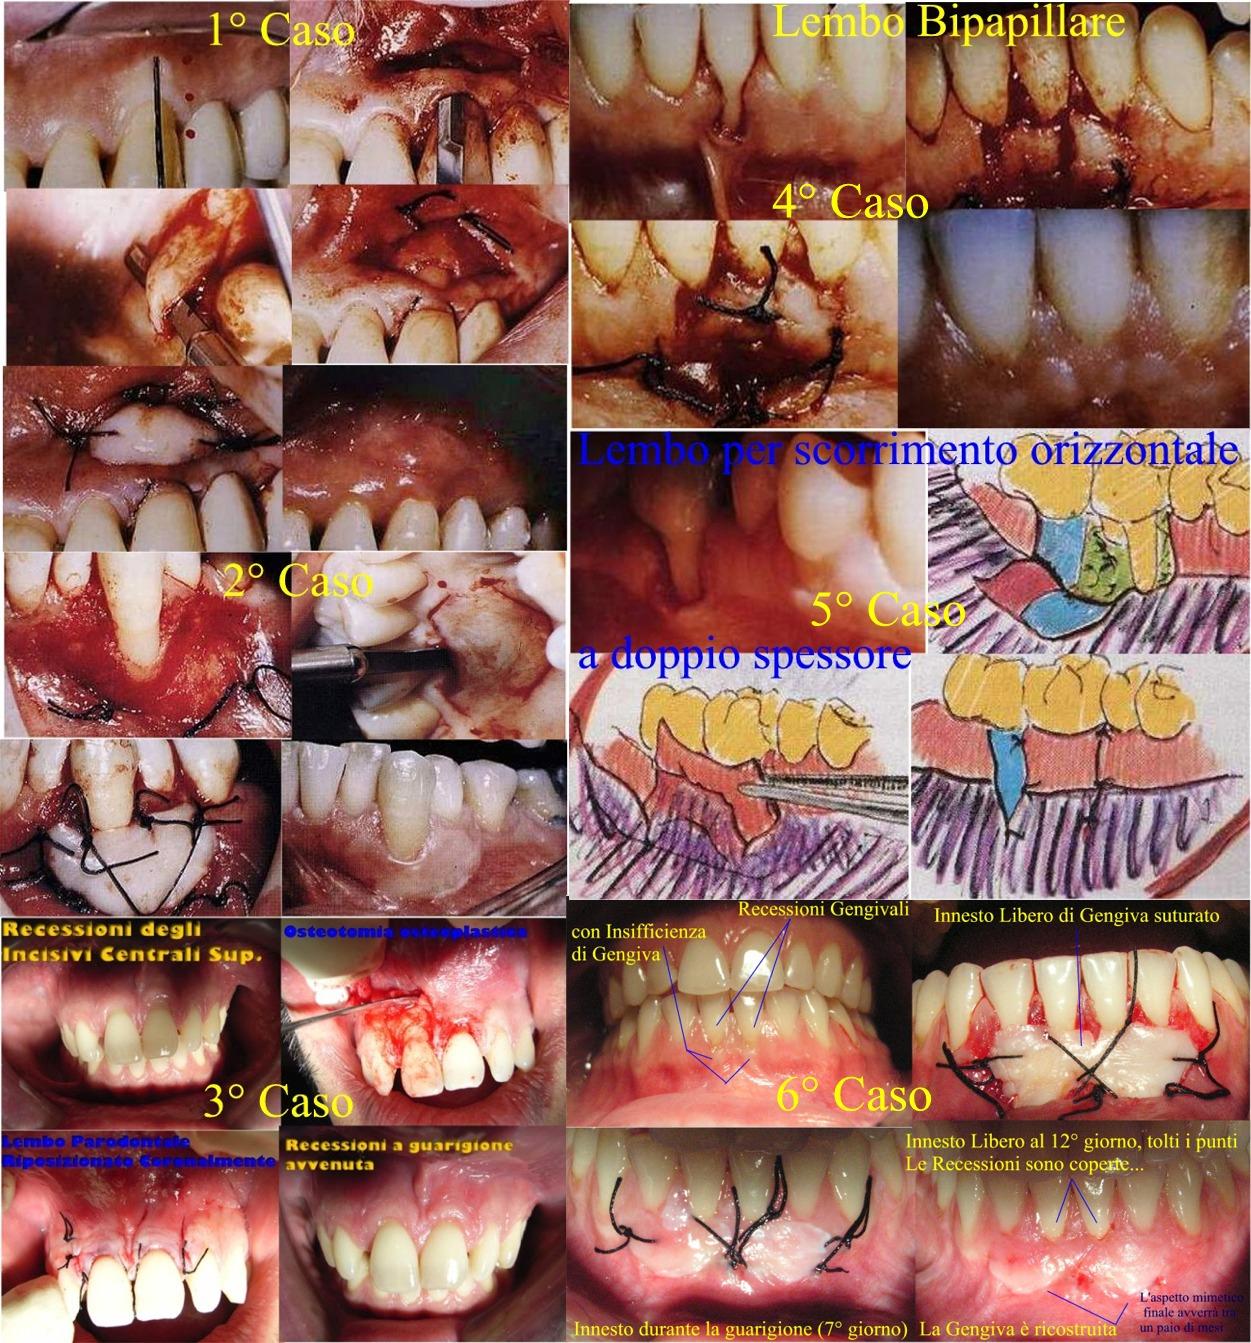 Poster con diversi tipi di interventi parodontali mucogengivali per diverse recessioni gengivali.  Da Dr. Gustavo Petti Parodontologo di Cagliari